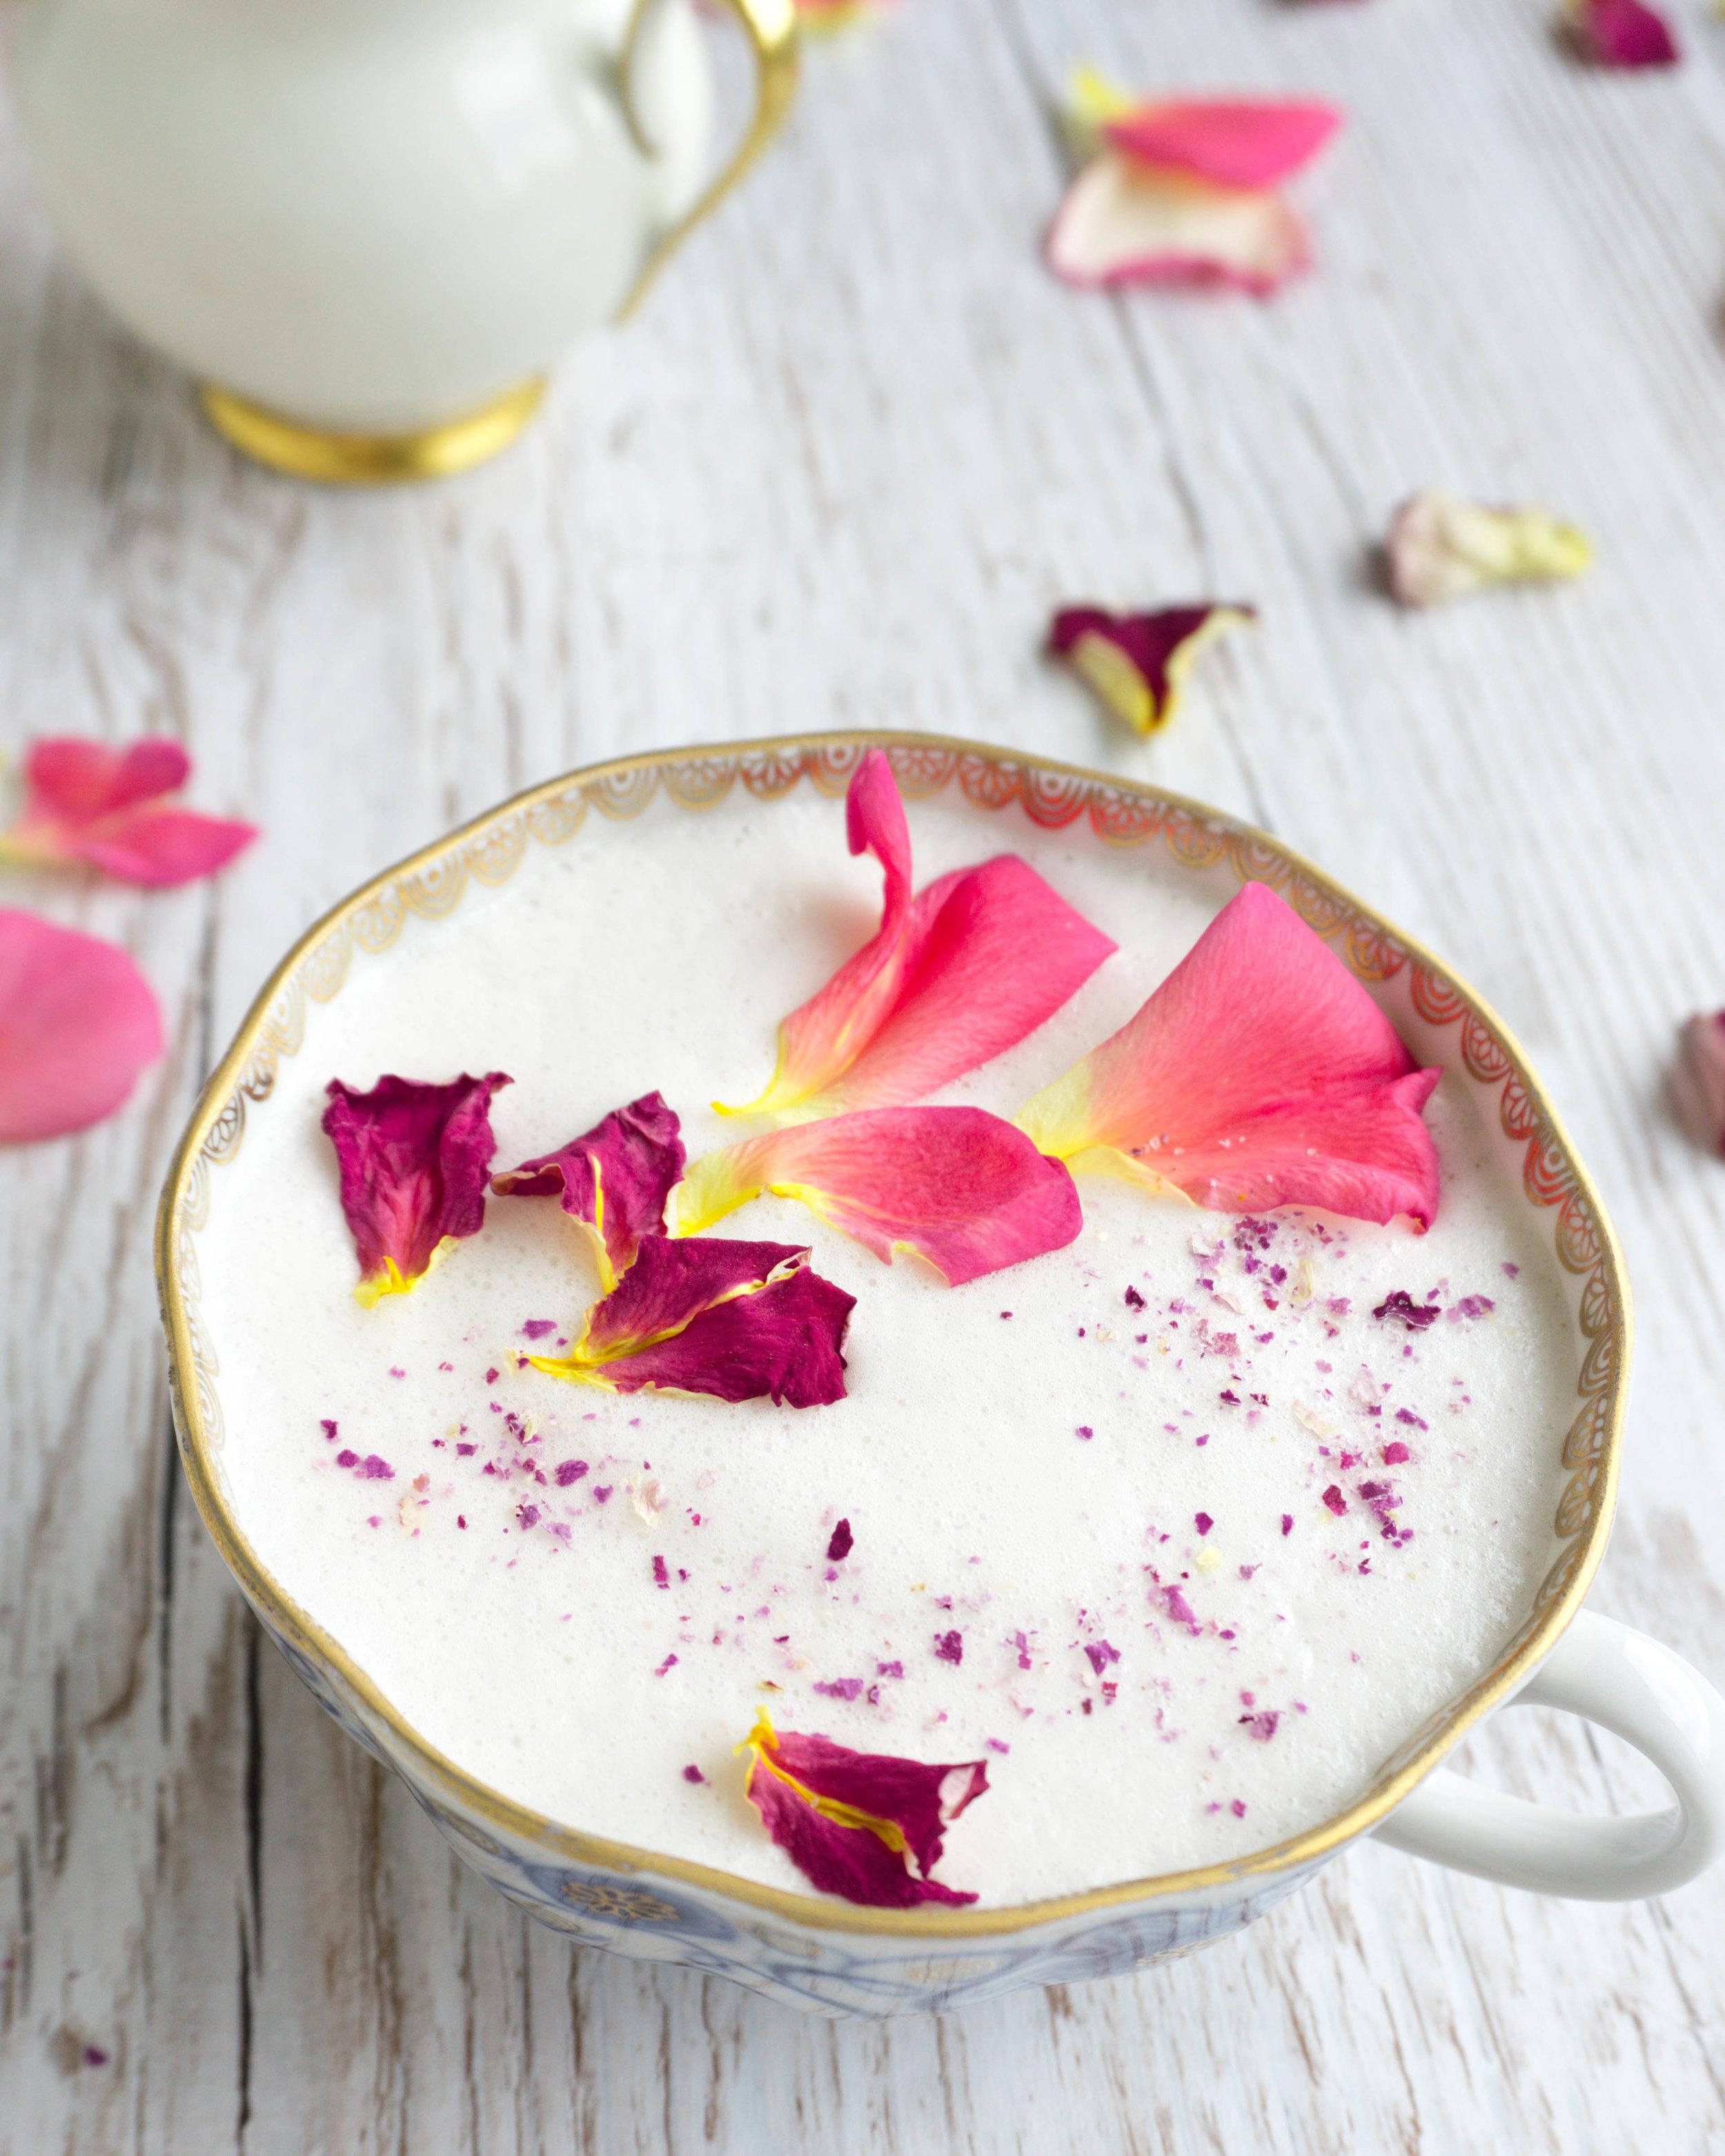 Du brauchst: - 1 Tasse Pflanzenmilch (z.B. meine schnelle selbstgemachte Nussmilch)1 Esslöffel Rosen-SirupOptional: etwas Rosen-Zucker und getrocknete und/oder frische Rosen-Blütenblätter zum Dekorieren